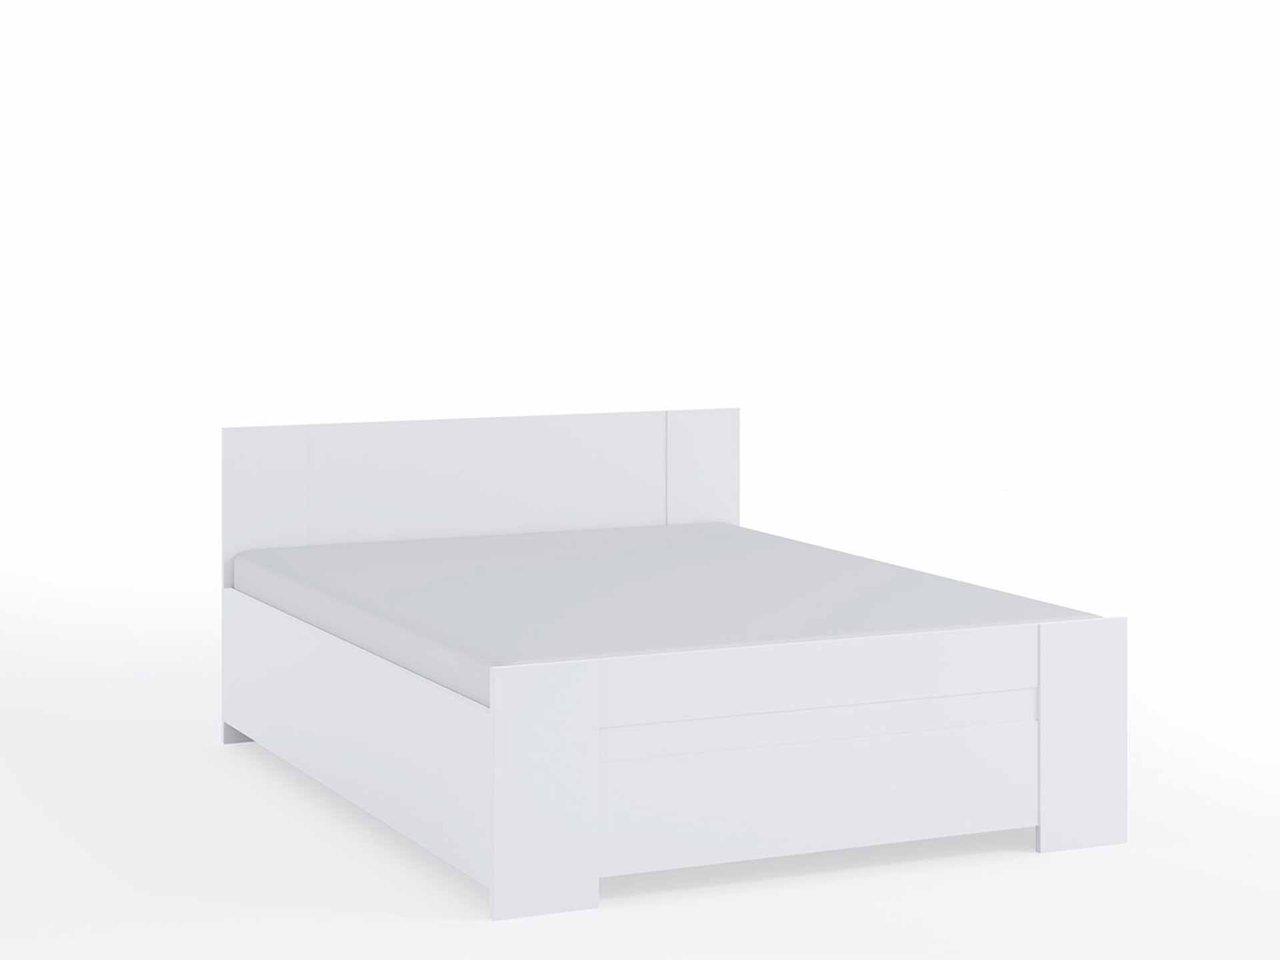 łóżko Do Sypialni Bono 160x200 Z Podnoszonym Stelażem